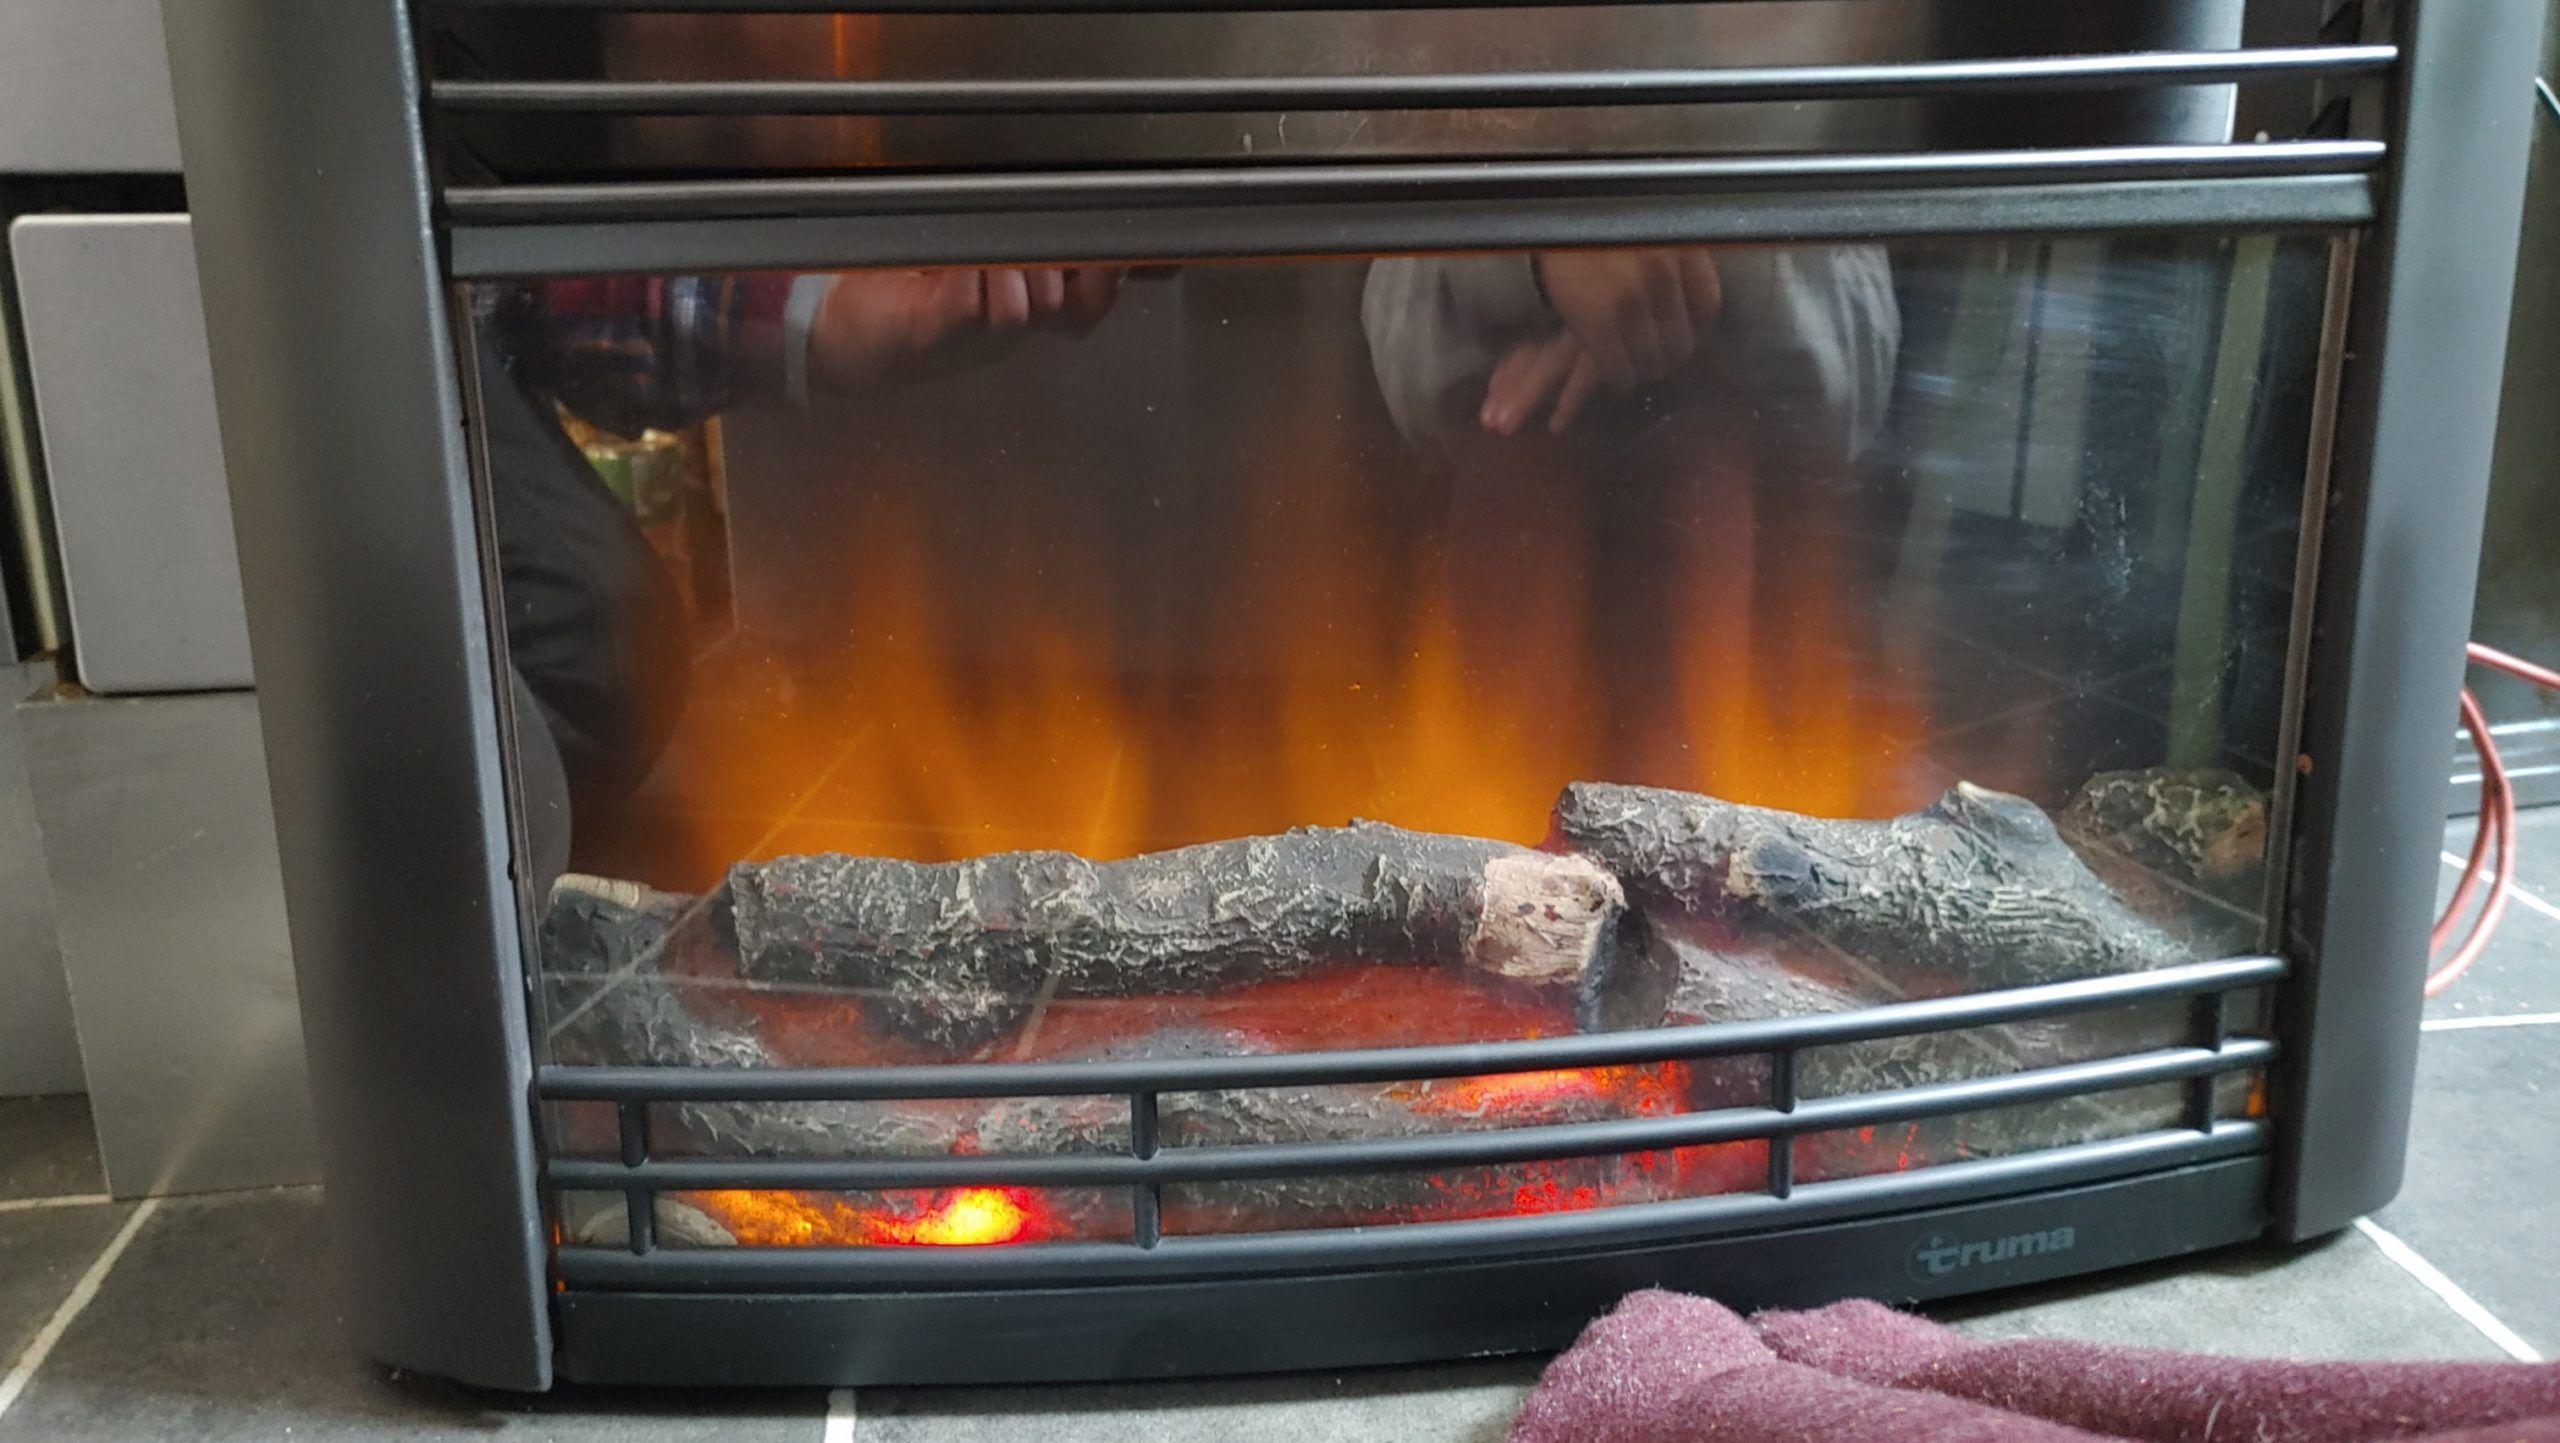 Truma Kaminfeuer Verkleidung Flammenbild